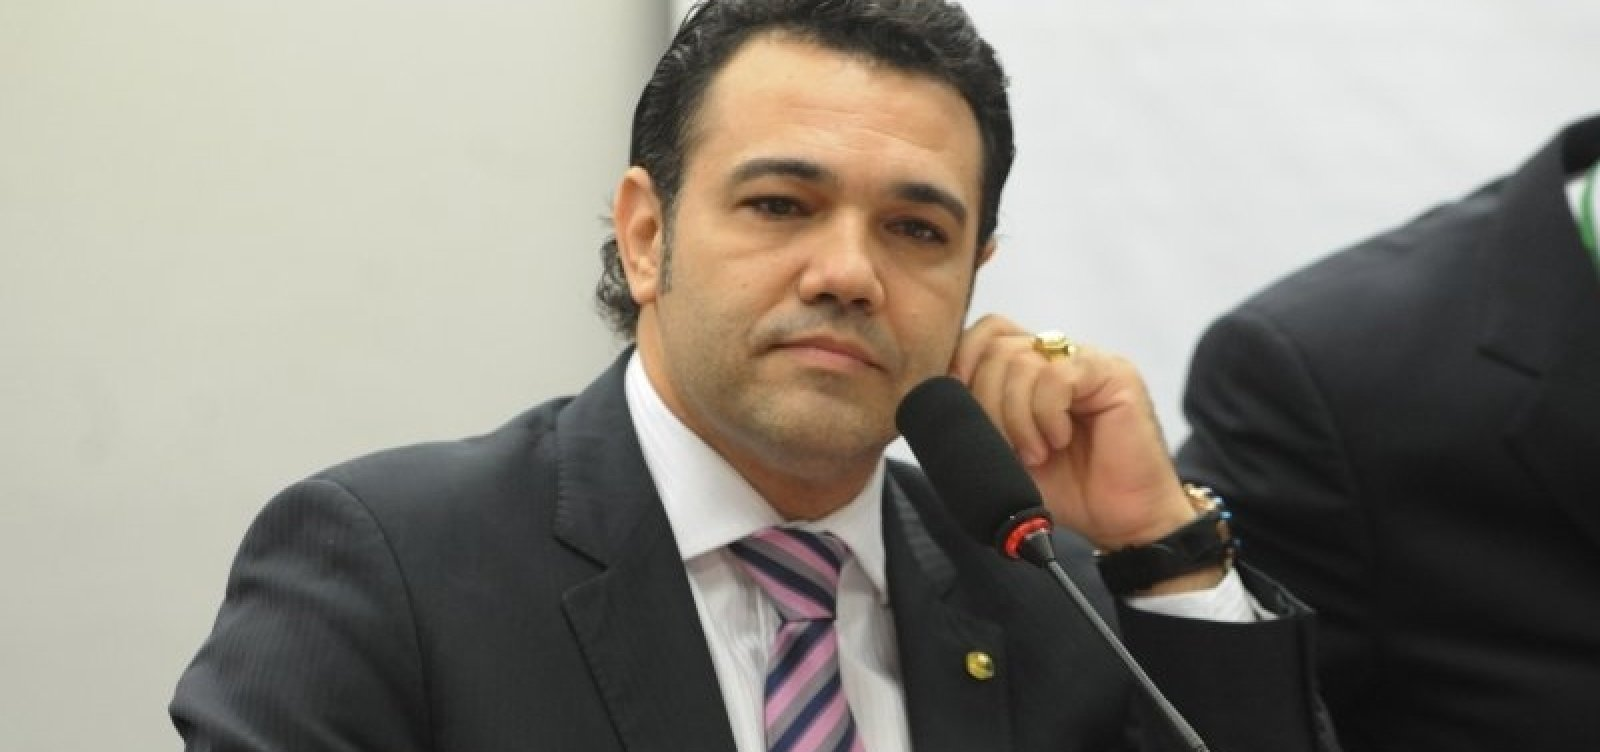 [Feliciano pede impeachment de Mourão por curtir publicação criticando Bolsonaro]